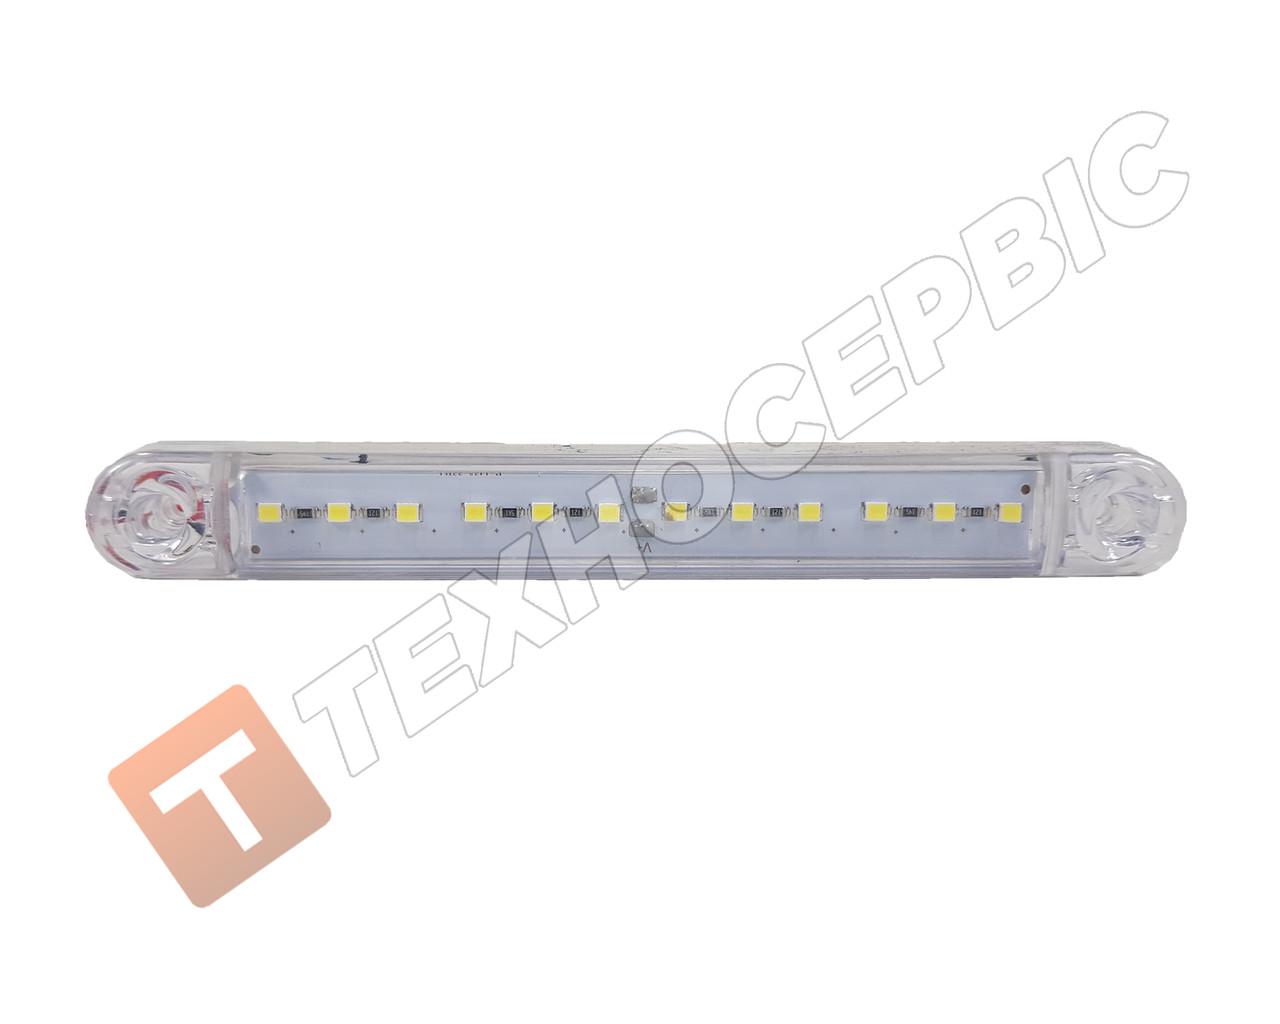 Фонарь габаритов 12-24v белый 12LED маркерный светодиодный (пр-во Турция)